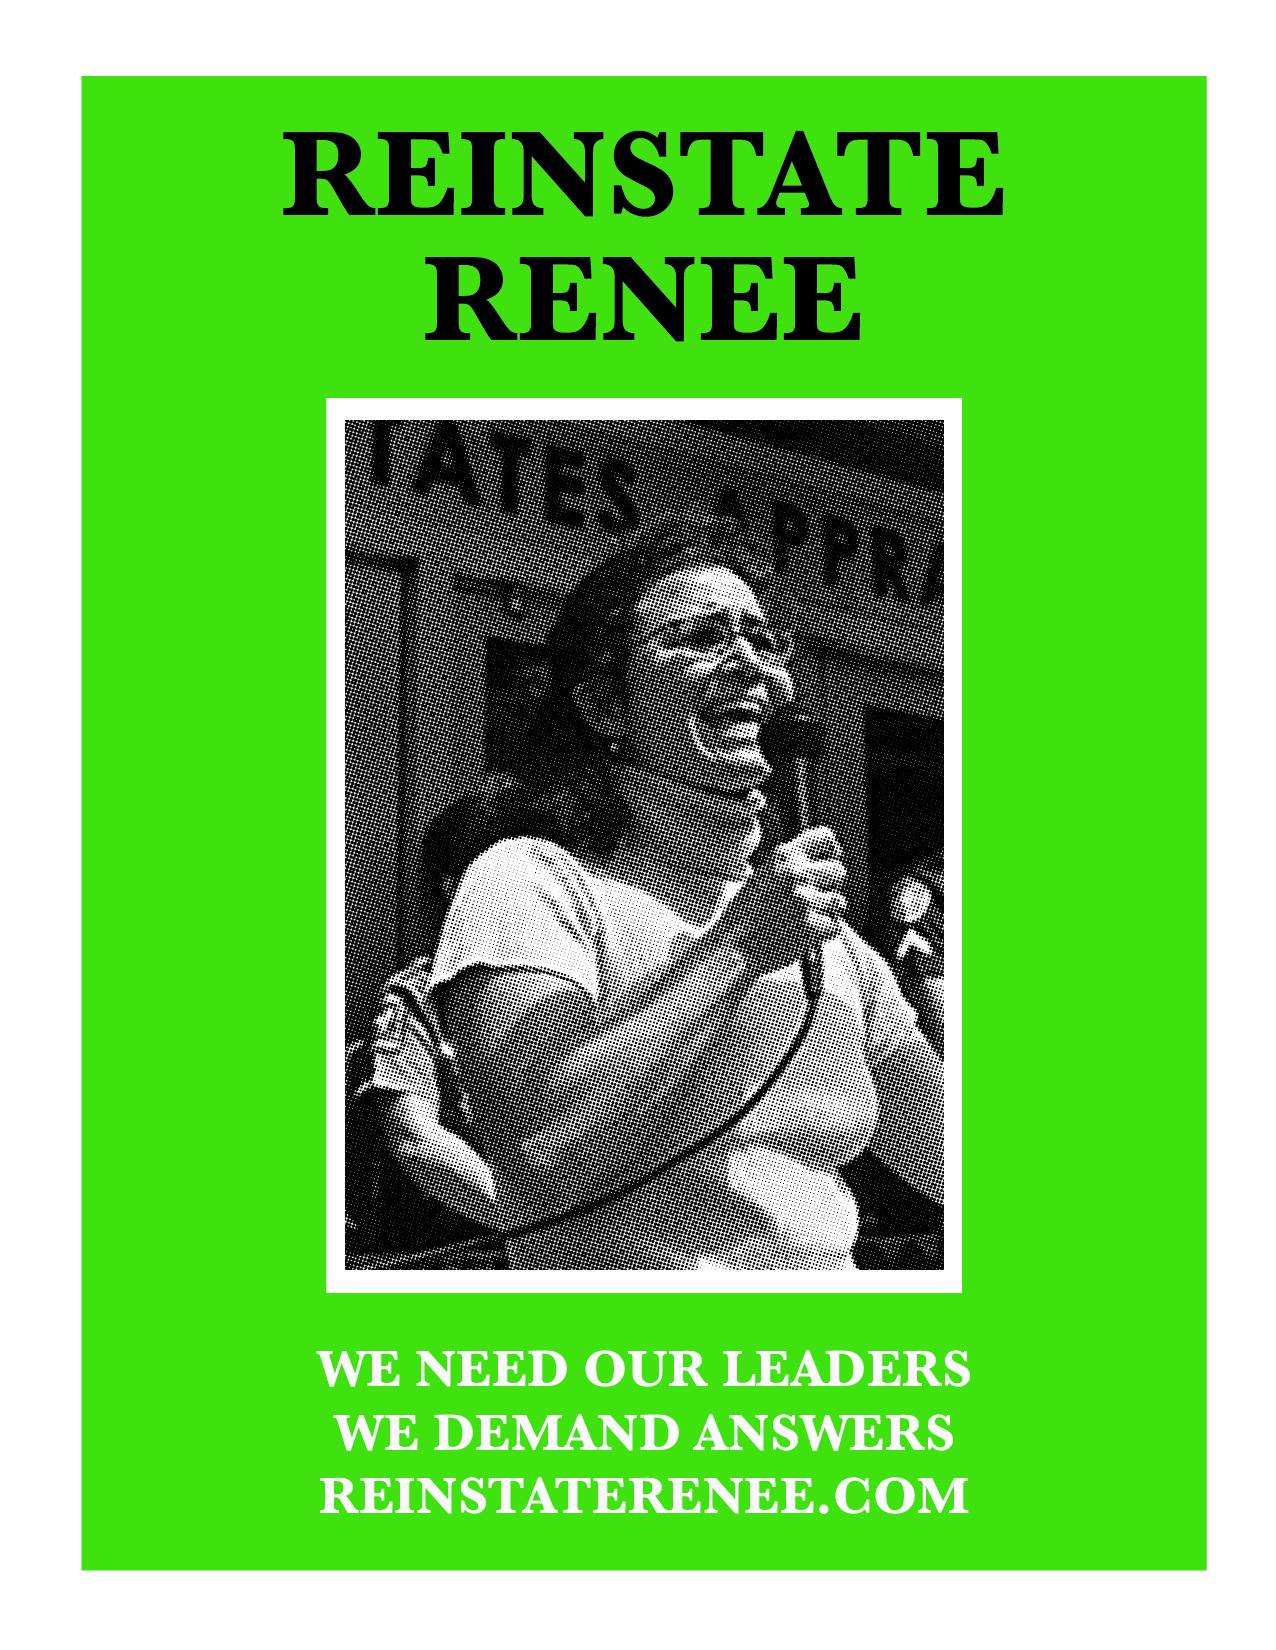 reinstate renee flyer-03.jpg